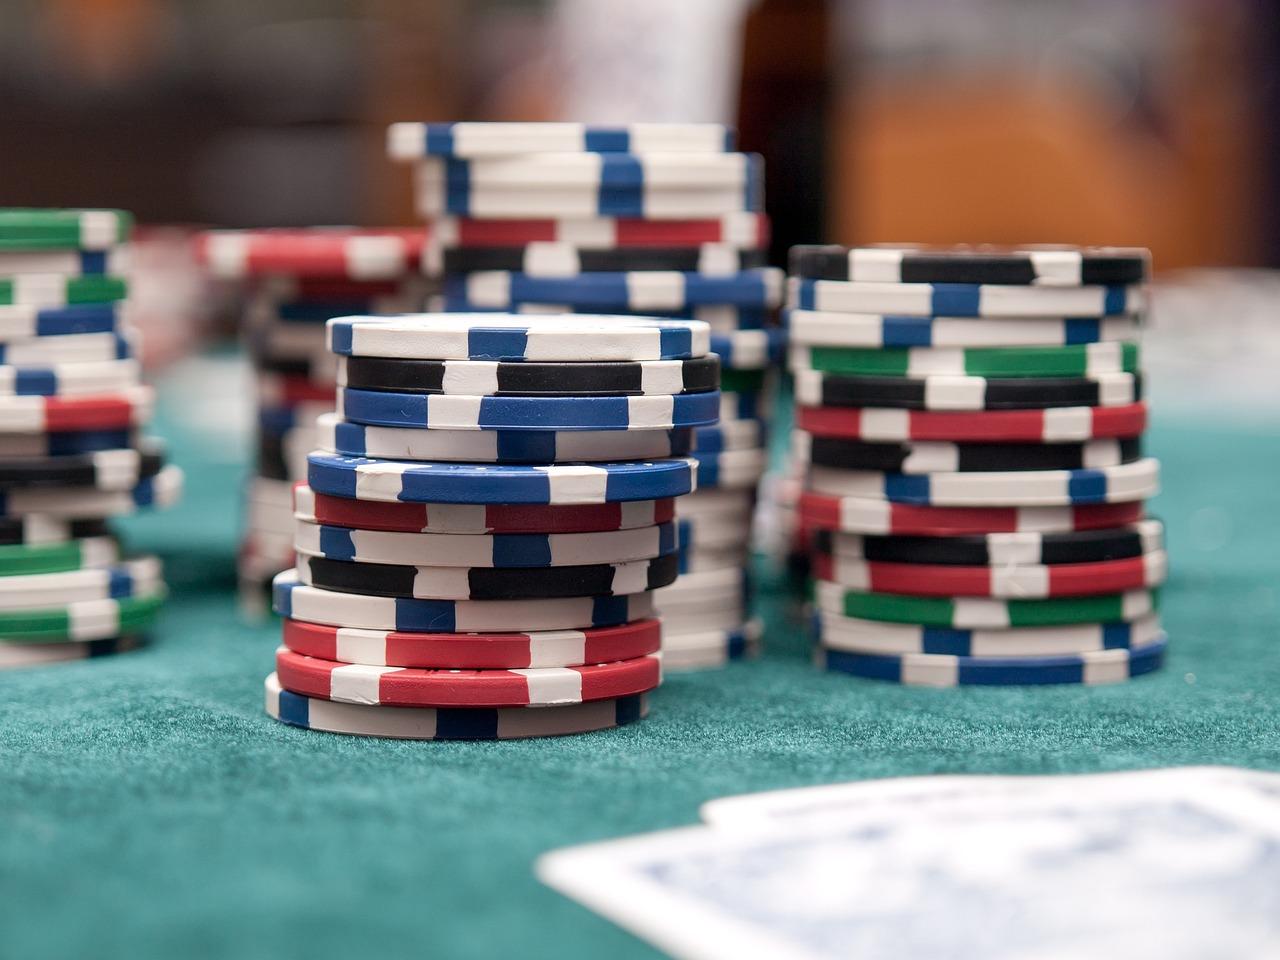 Tokens van casino voor gokautomaten en online casino spellen